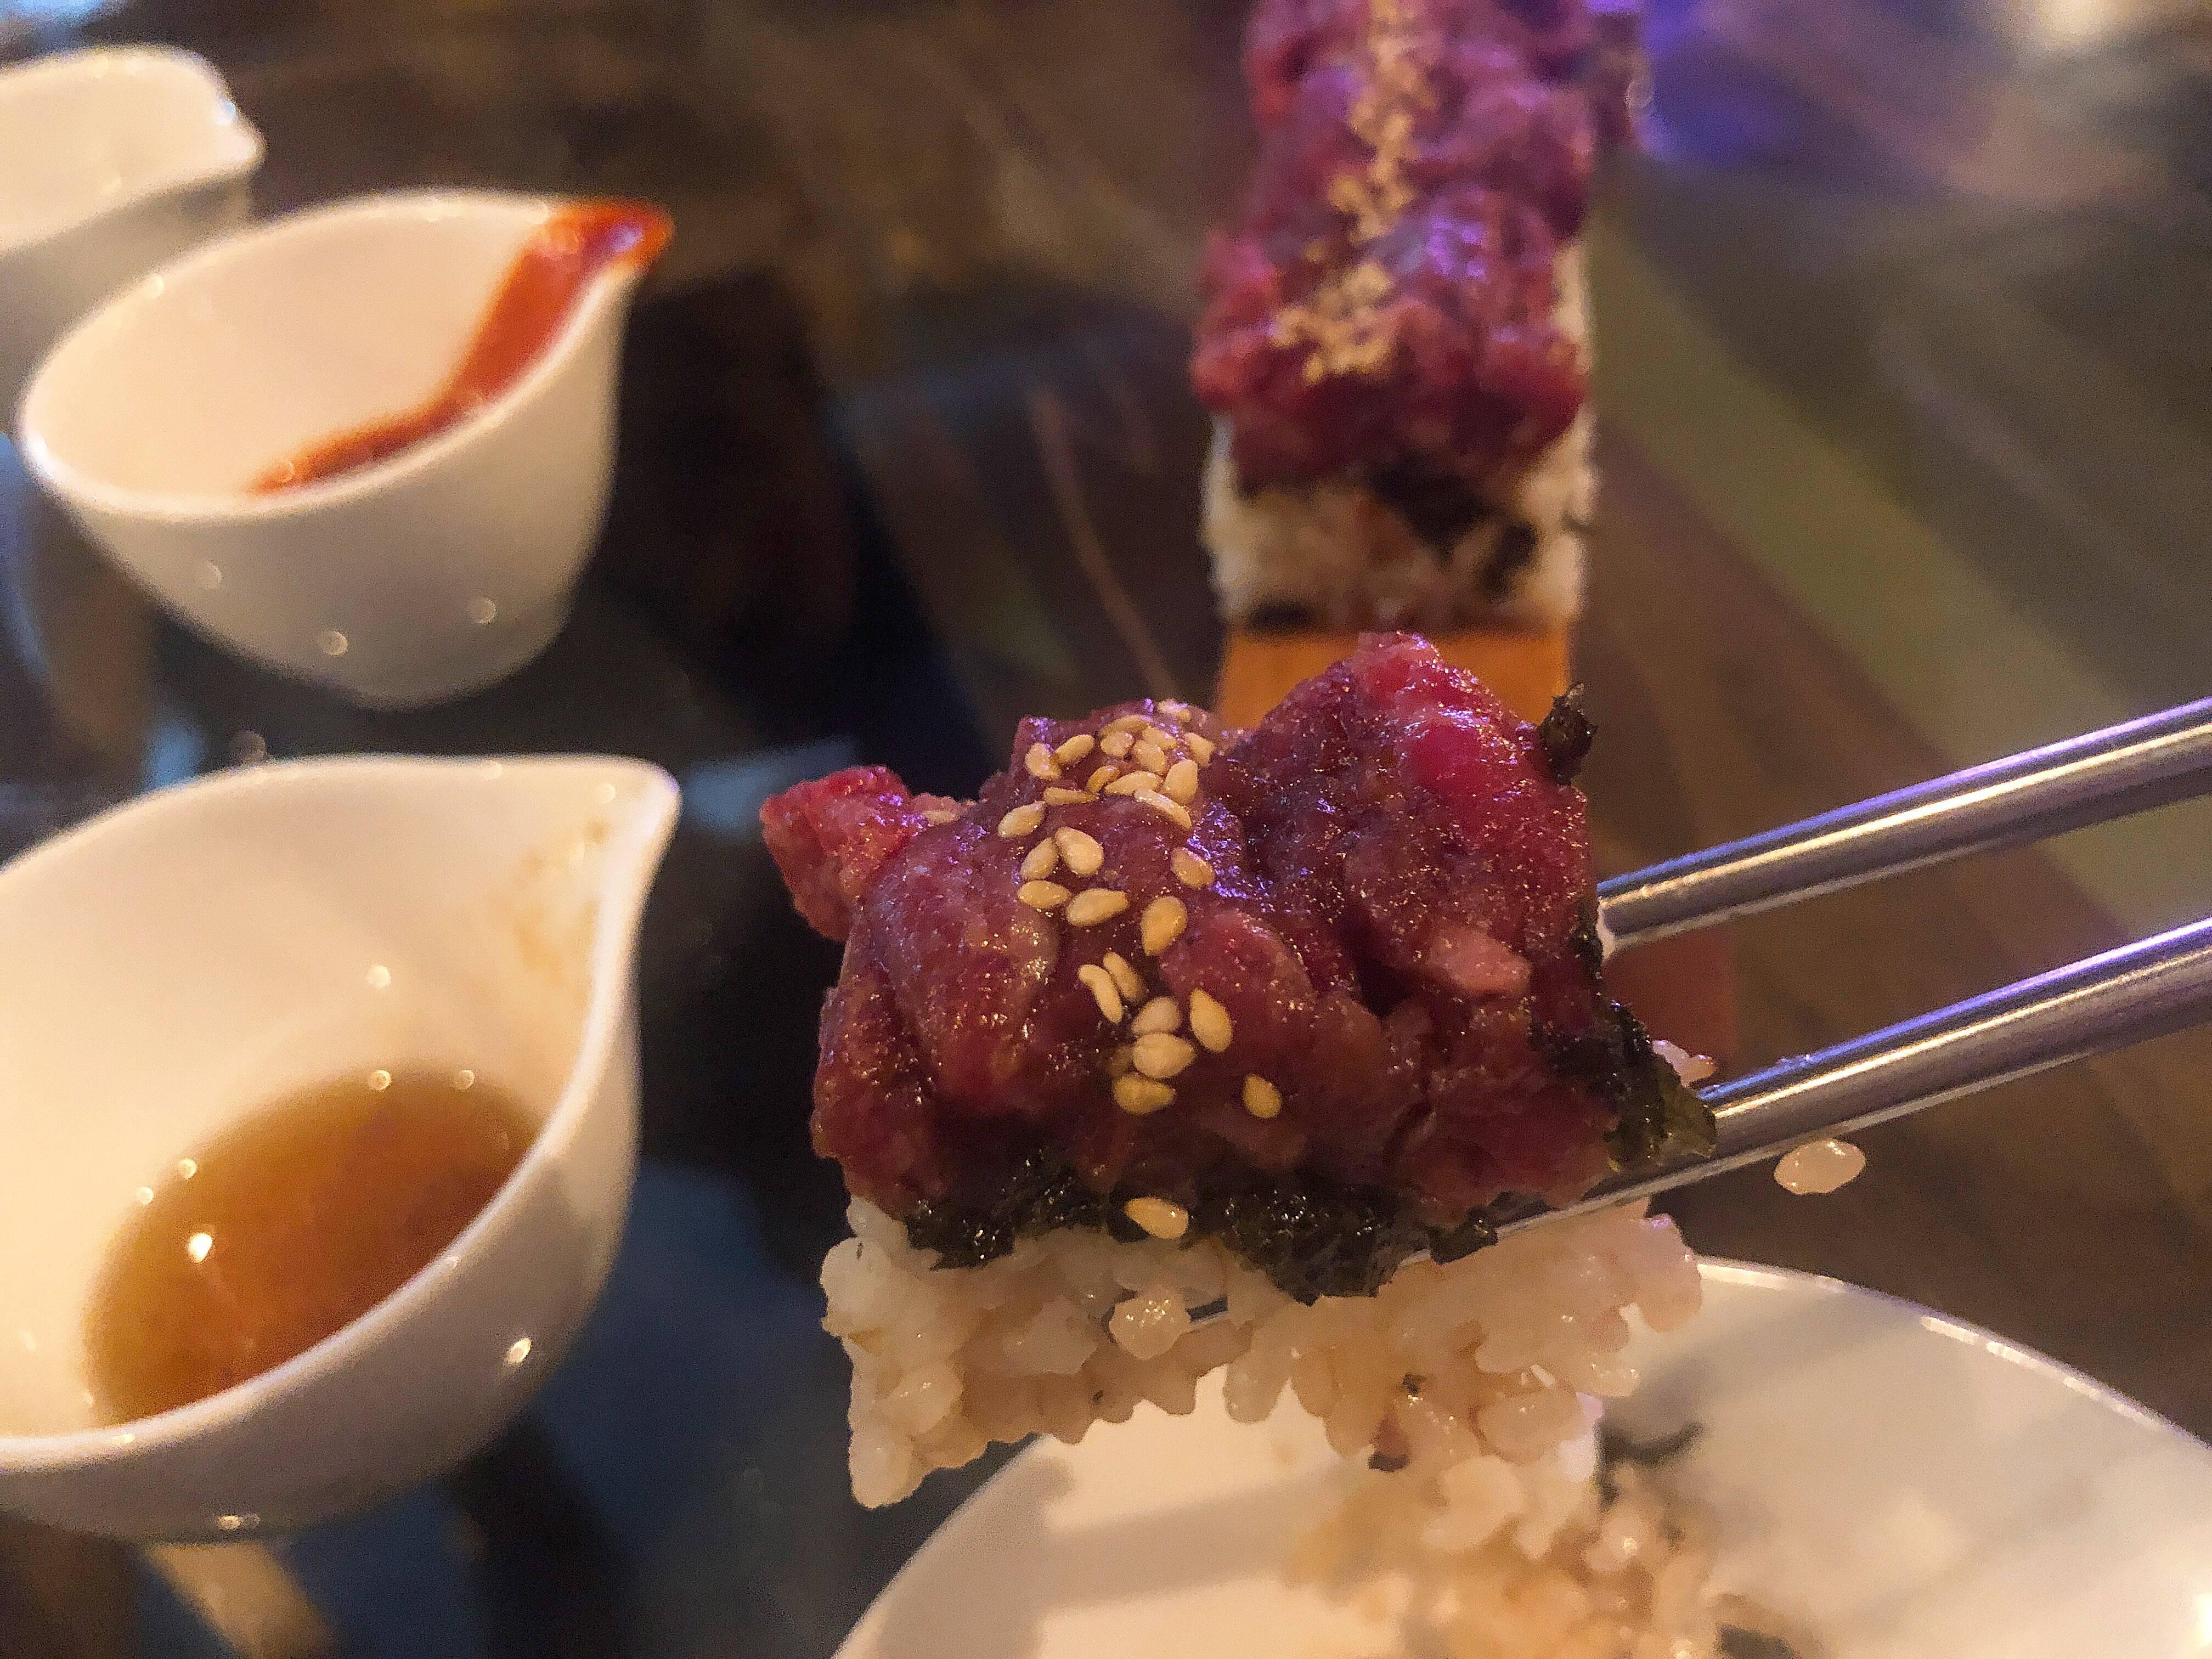 Vol.65♡ 50cm?!巨大ユッケ寿司が食べられるお店【PALLET46】_1_3-3